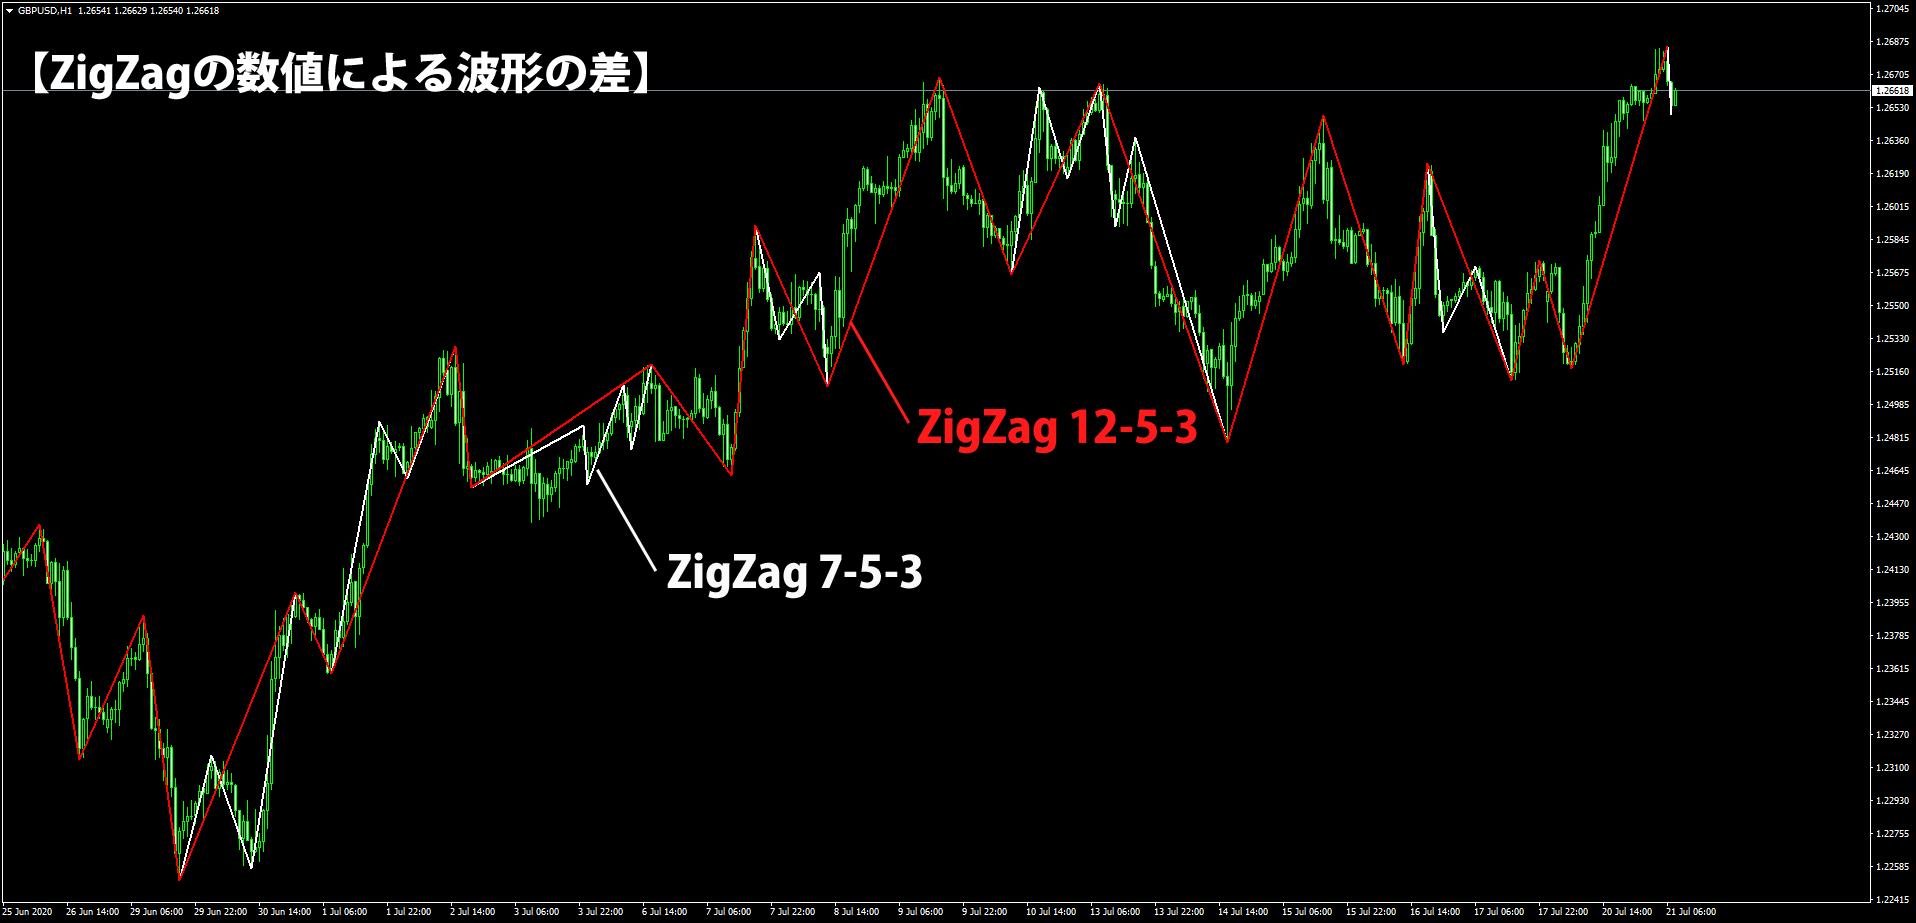 ZigZagの数値と波形の差